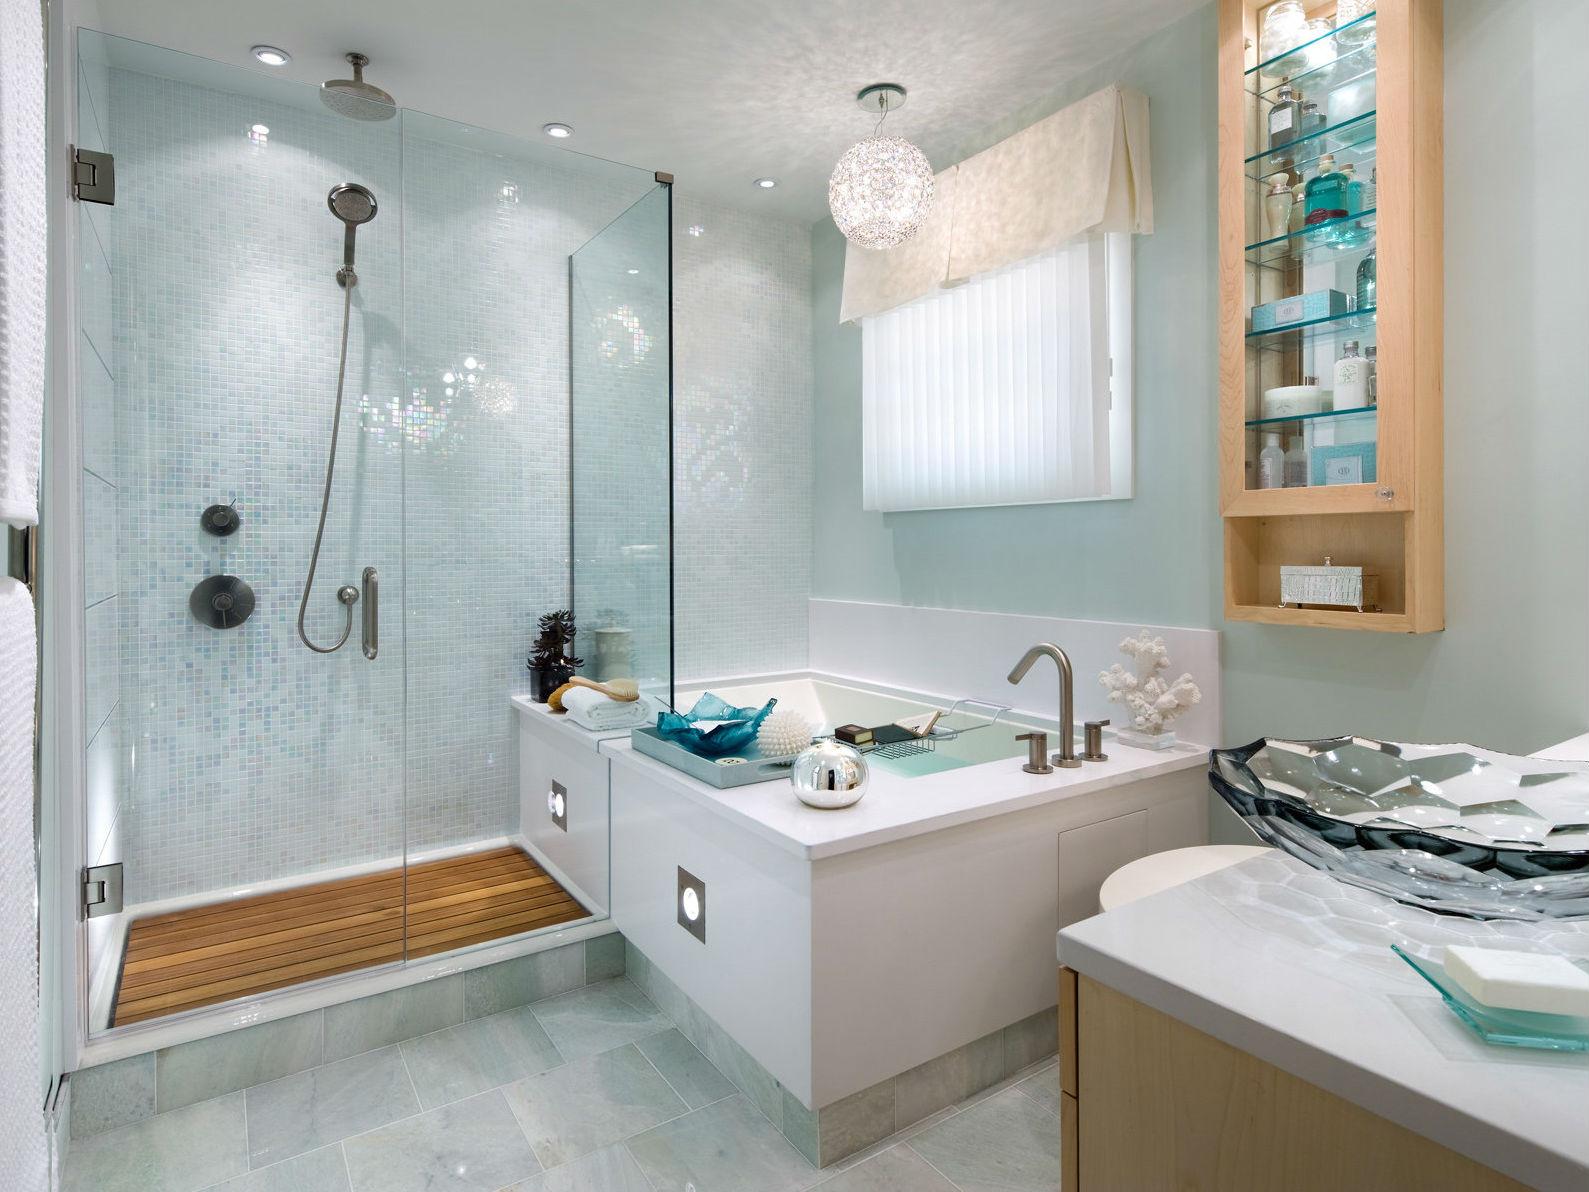 Душевая в ванной комнате с мятными стенами